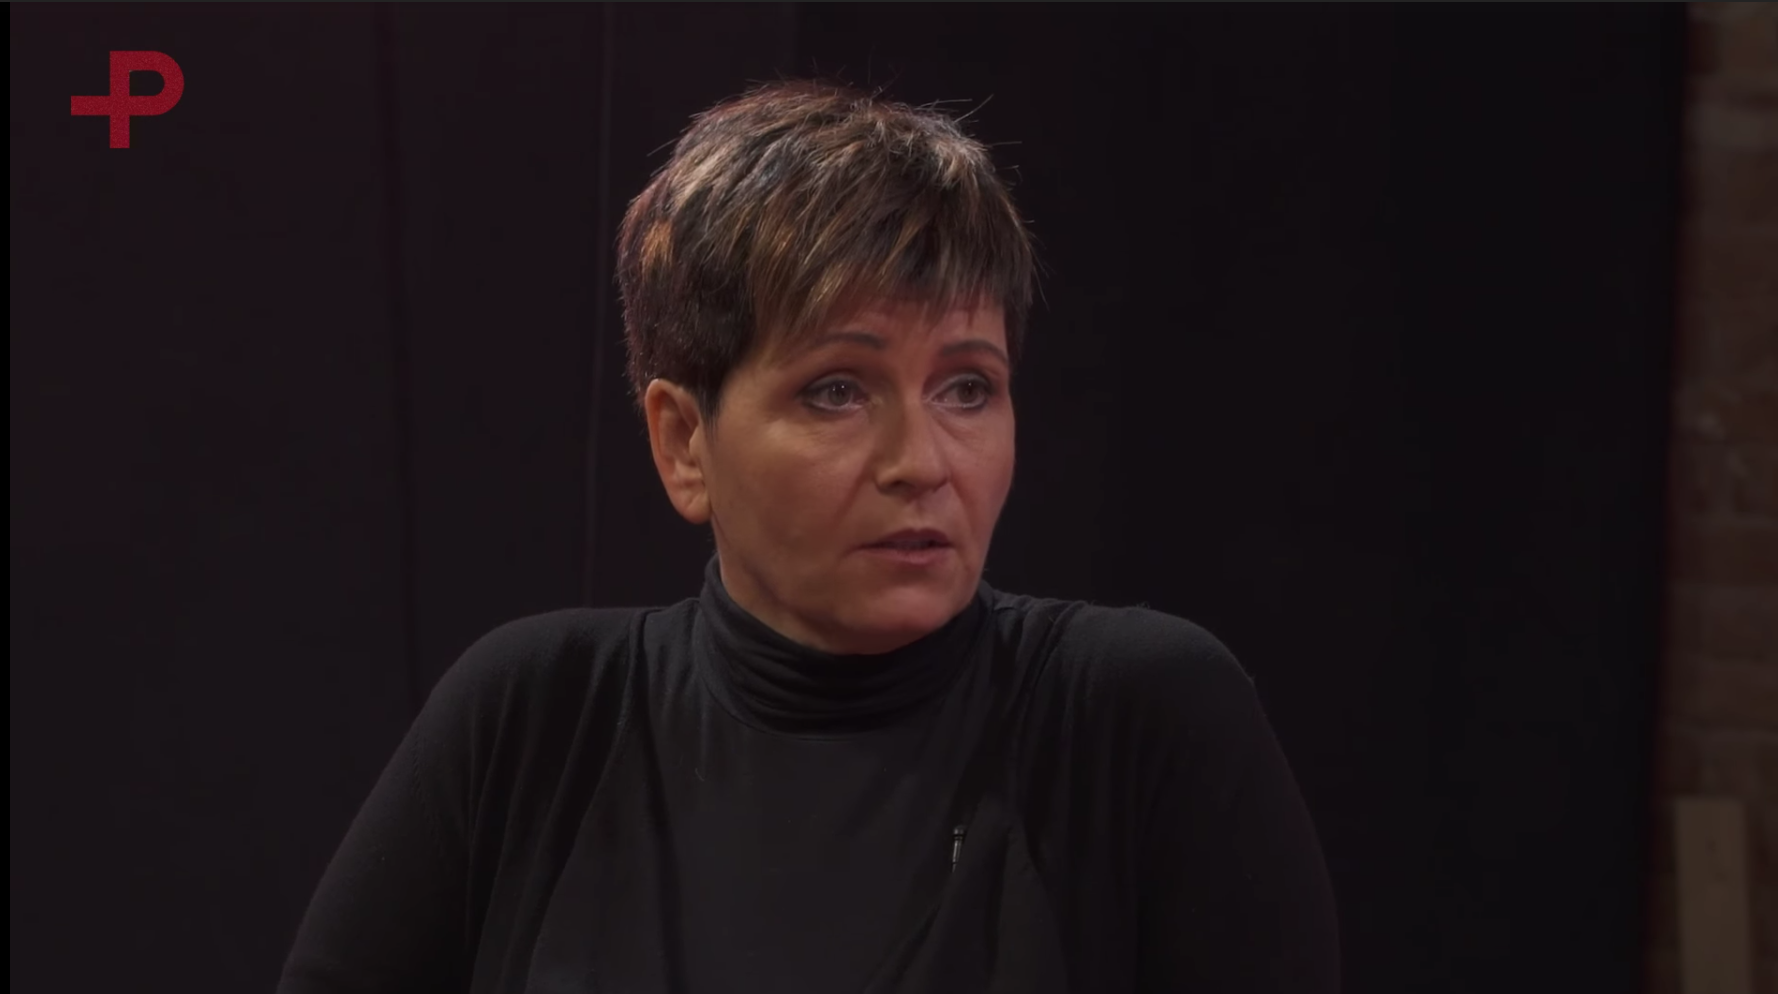 Kálmán Olga: Naponta noszogattuk az ellenzéki pártokat, hogy szólaljanak már meg egy ügyben